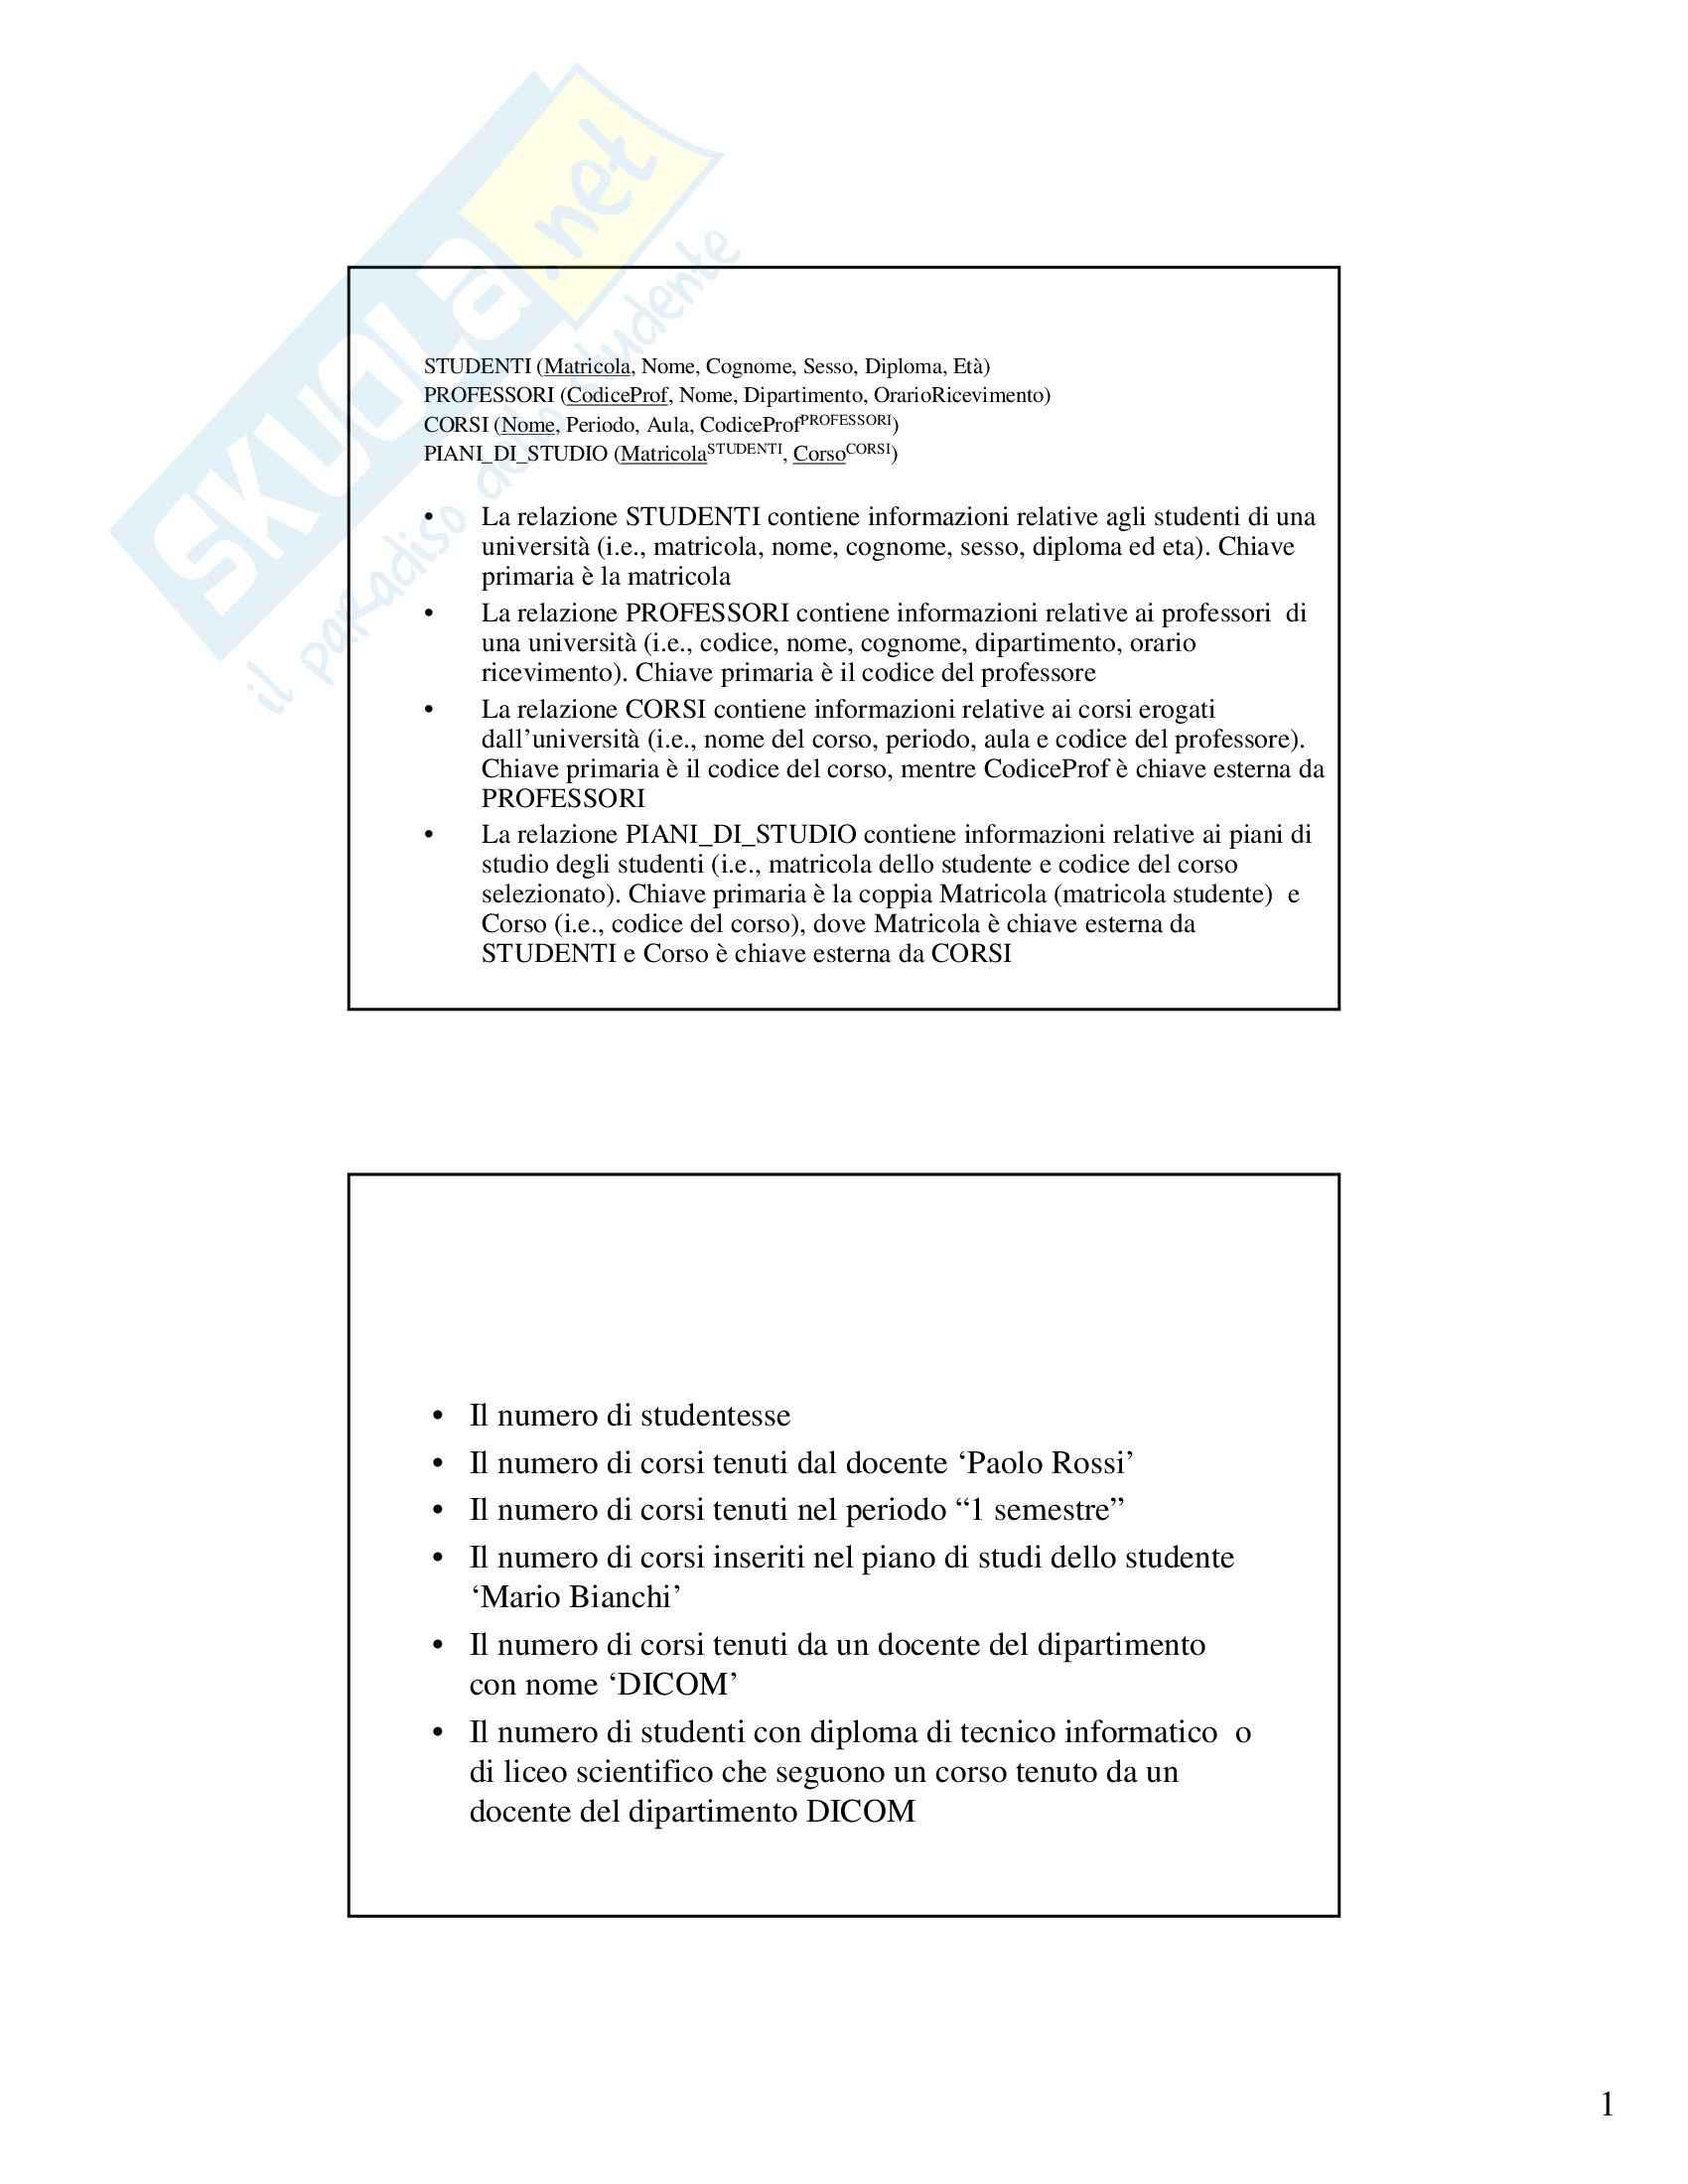 Gestione dati e archivi - Esercizi SQL/2